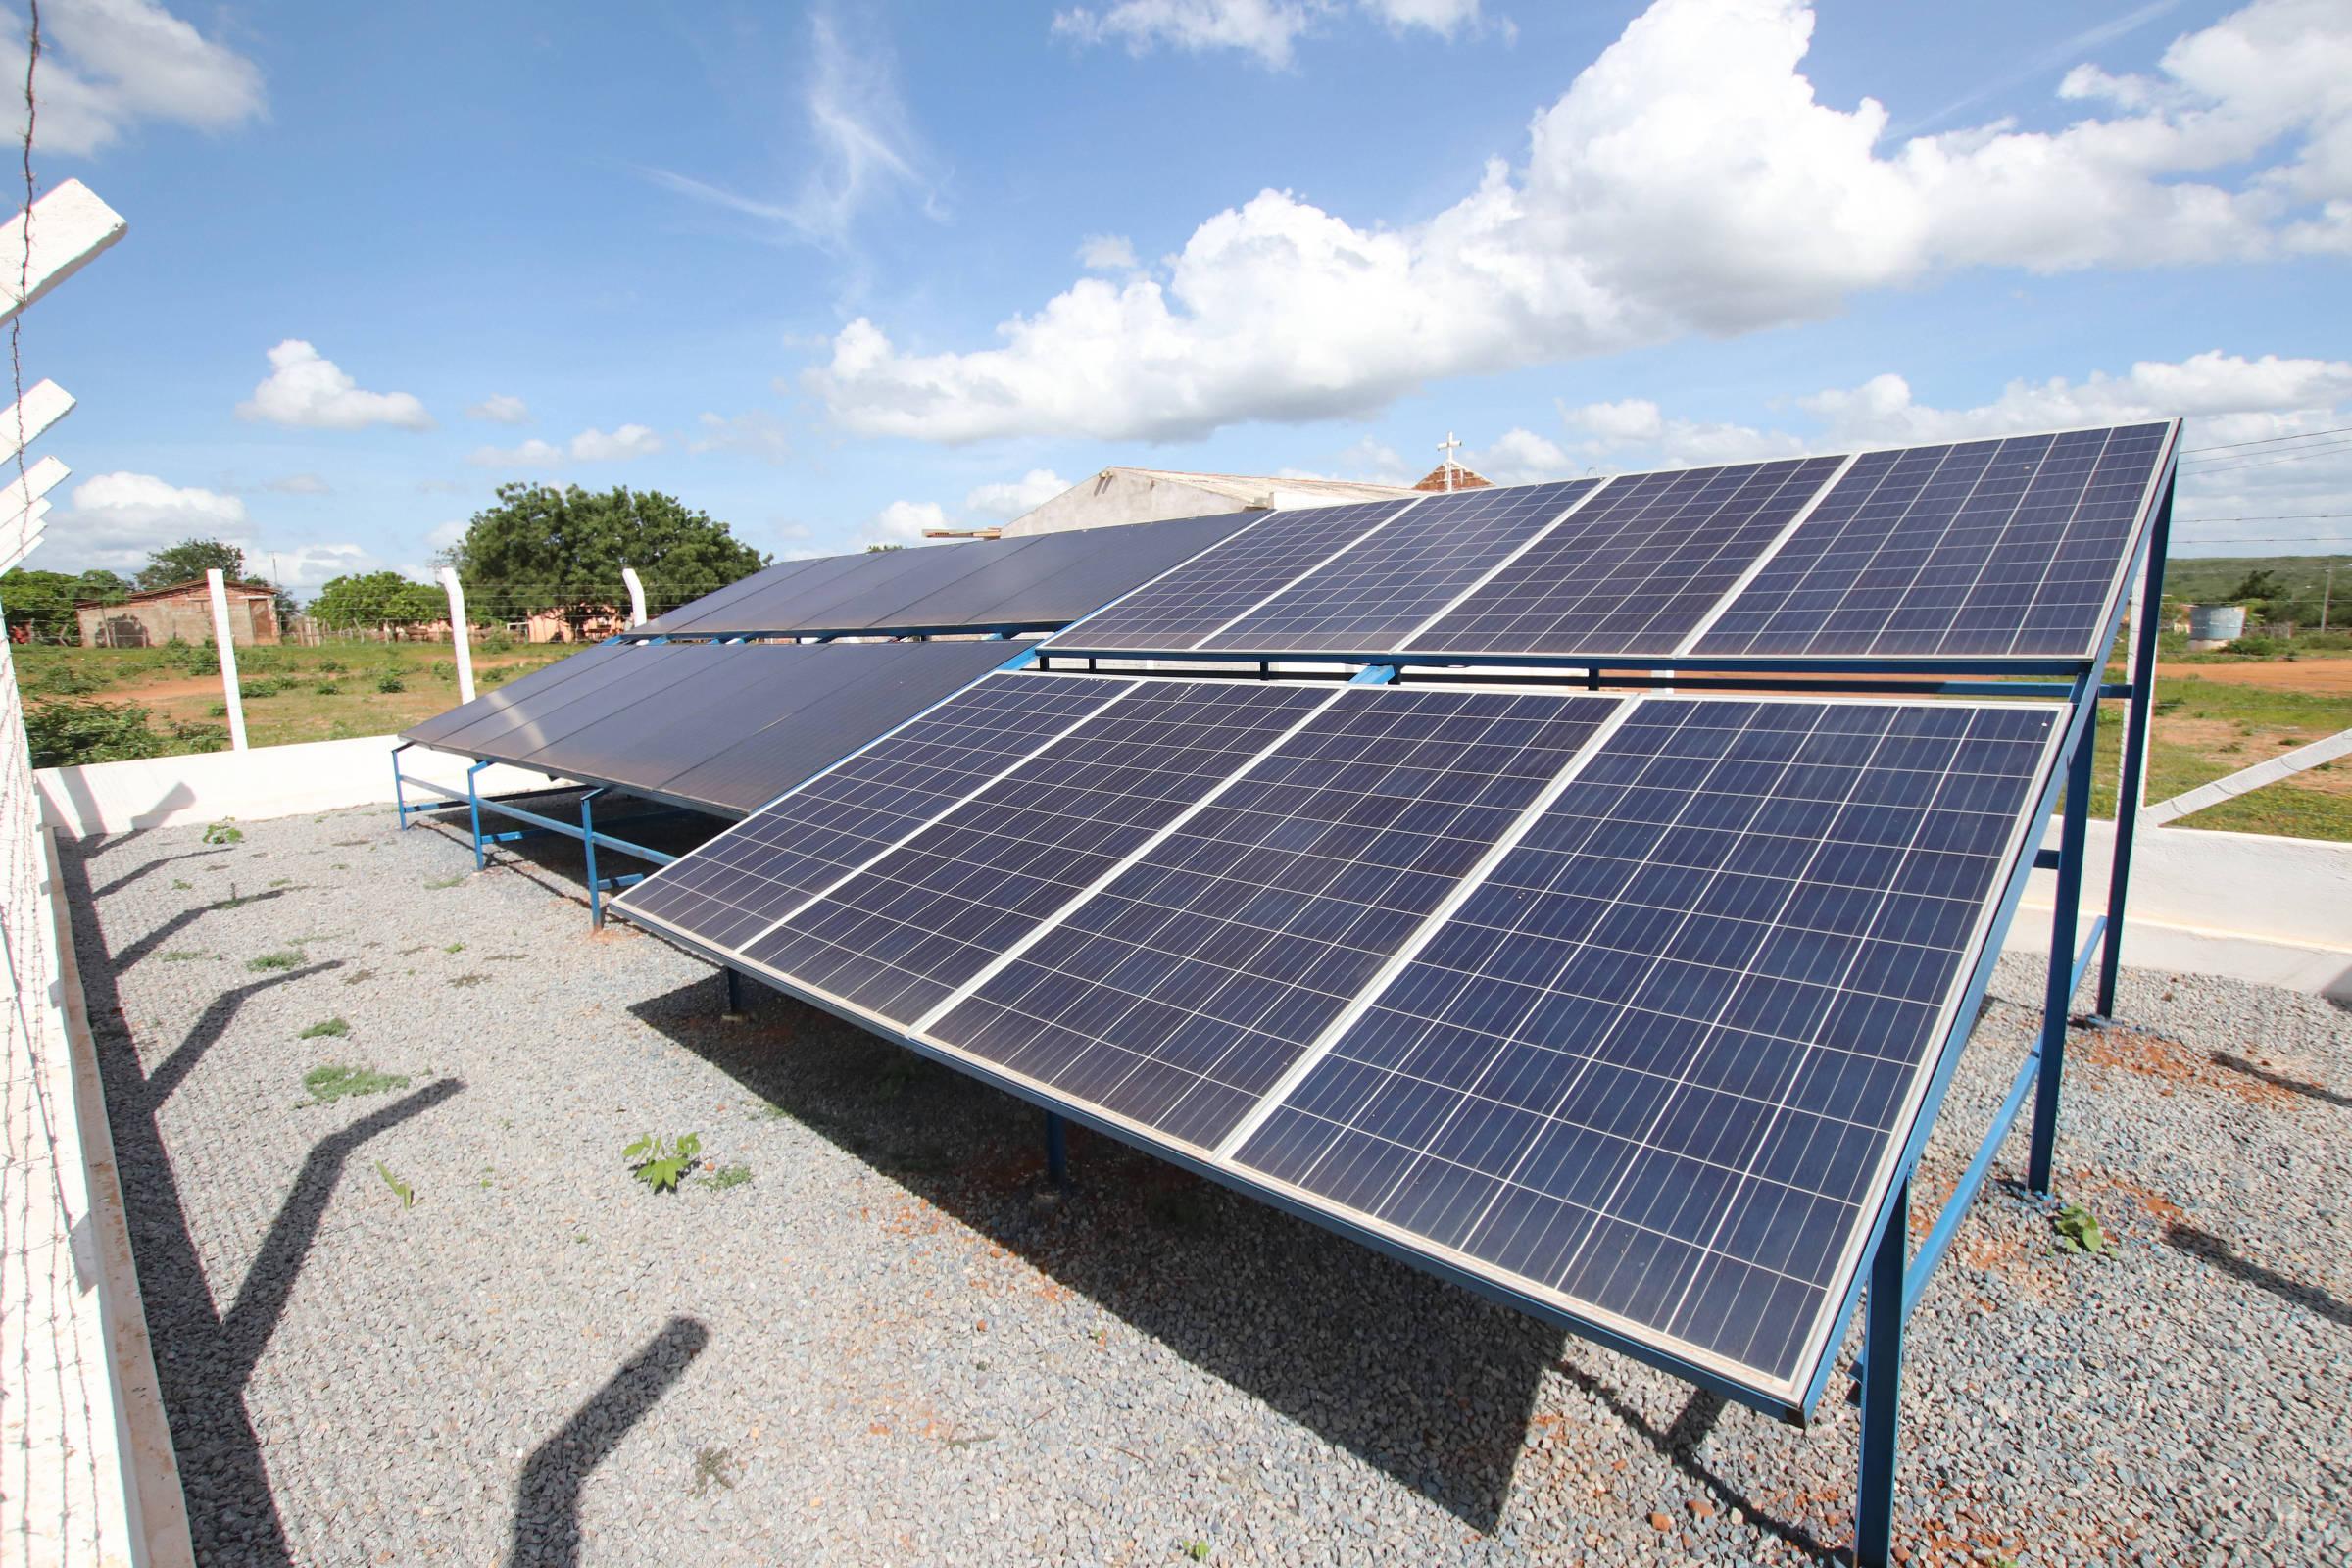 Brasil entra no grupo de 20 países líderes em energia solar – Folha de S.Paulo